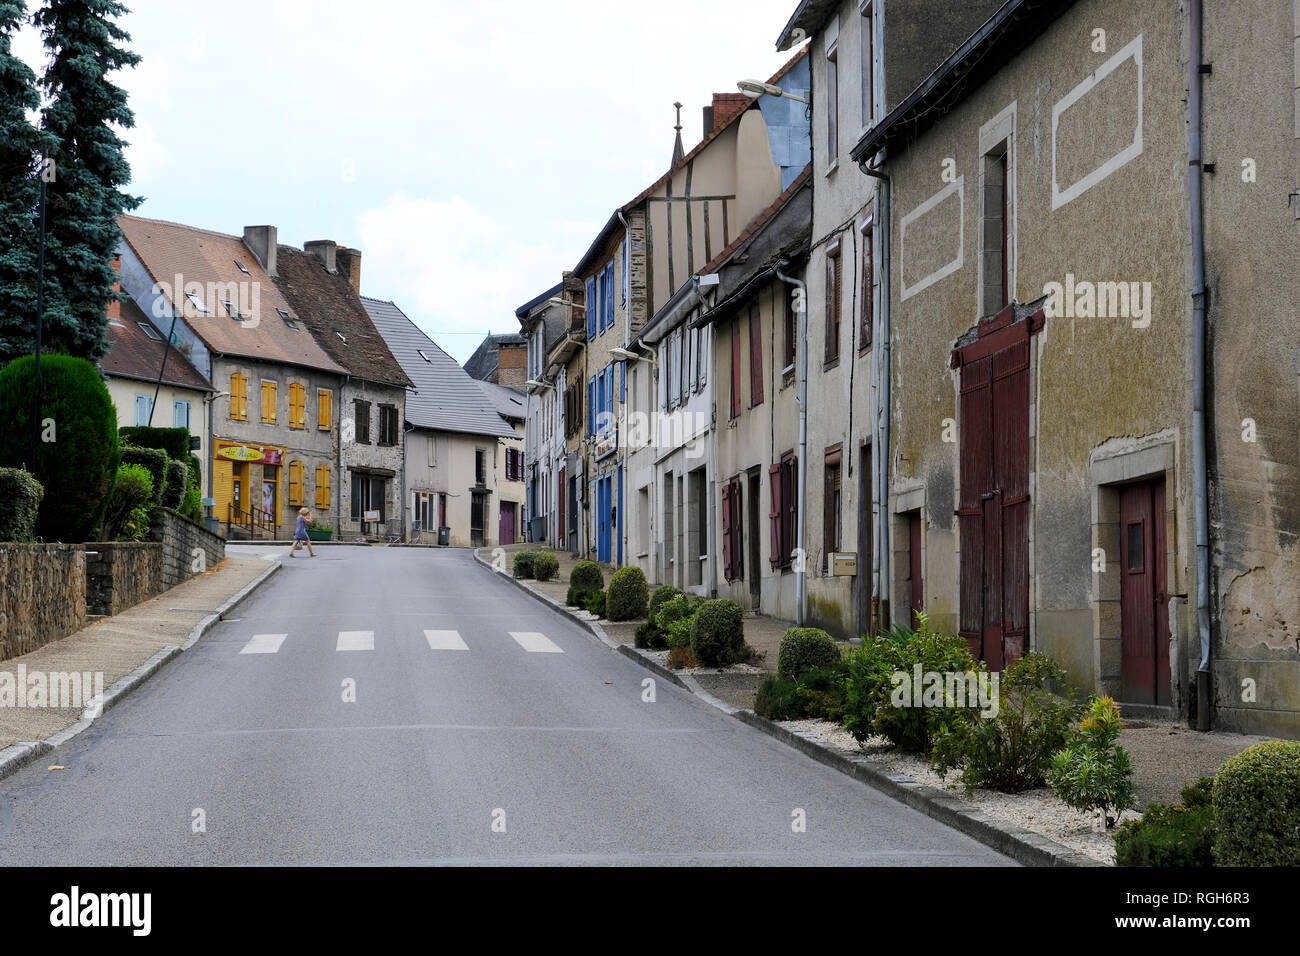 Magnac-Bourg, Frankreich - 13. August 2018: Street View in Magnac-Bourg. Magnac-Bourg ist eine Gemeinde im Nouvelle-Aquitaine Region im Westen von Frankreich. Stockbild